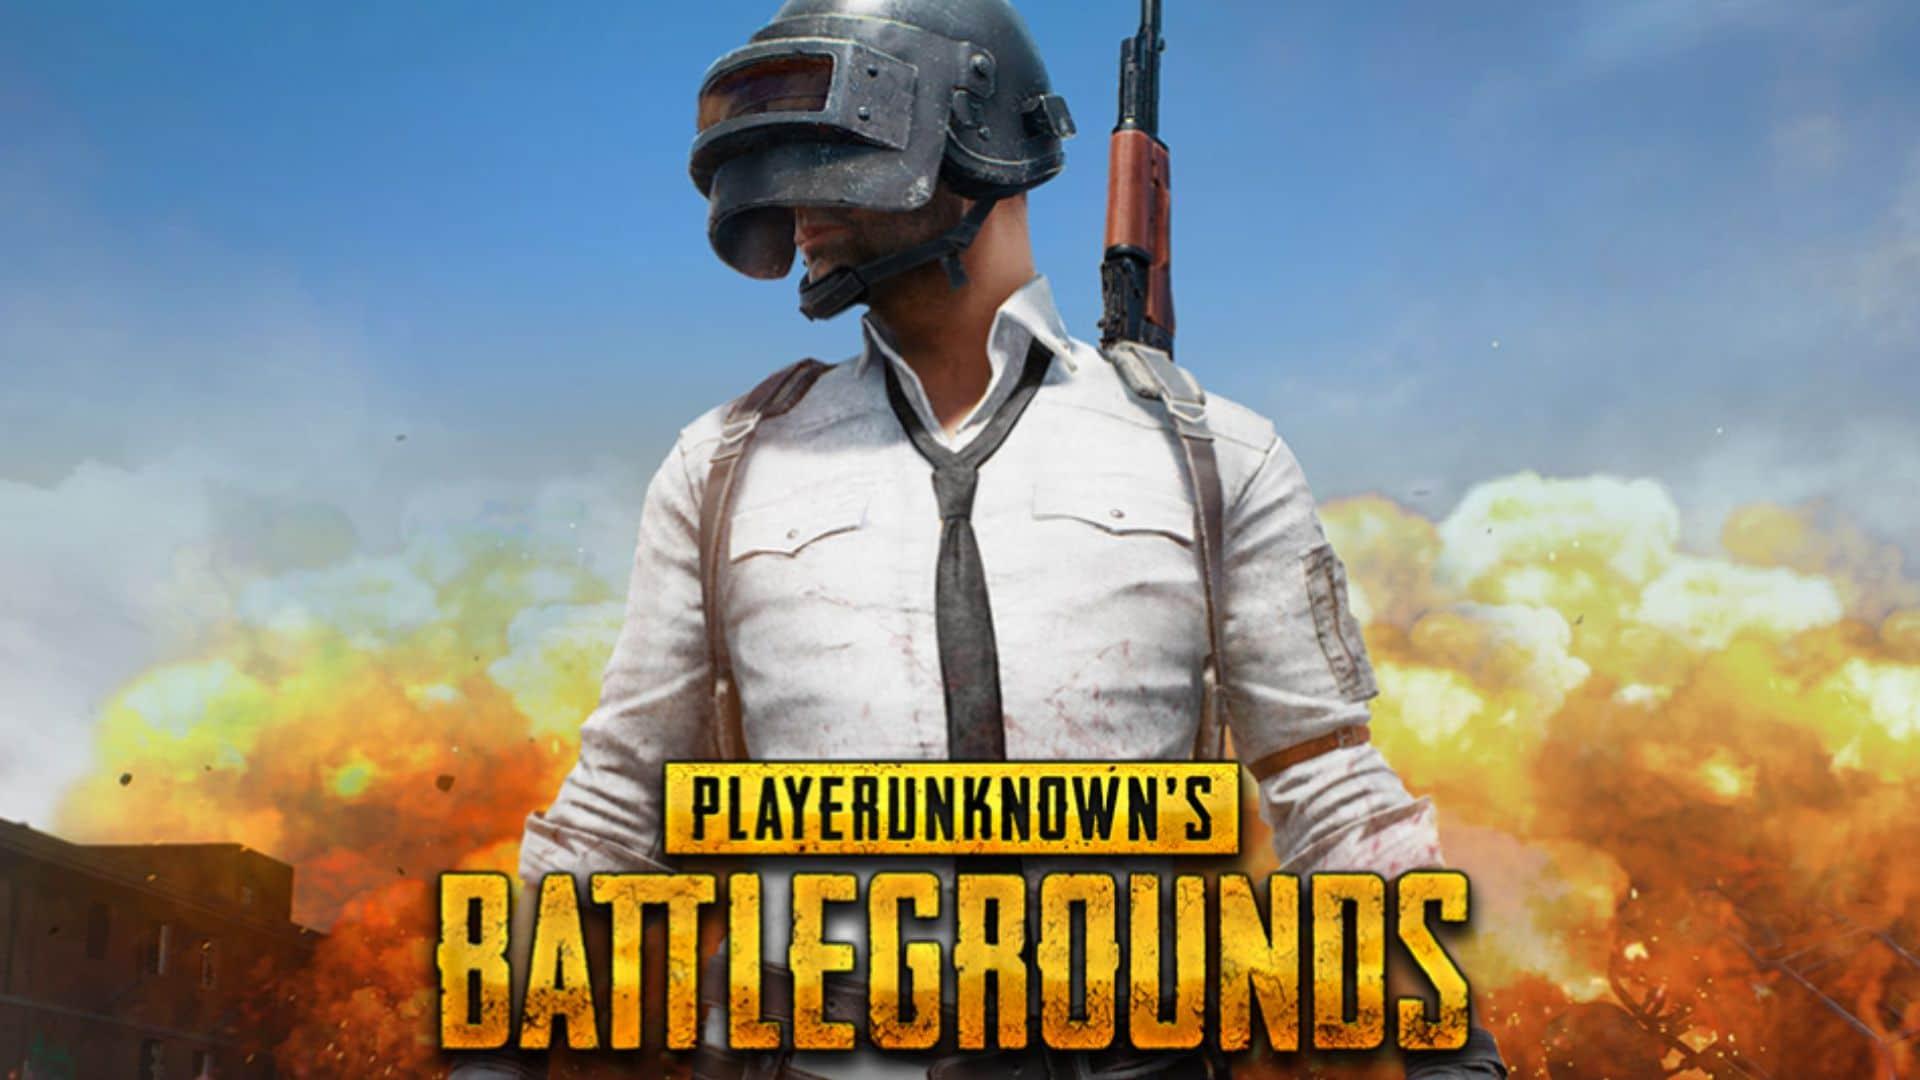 PlayerUnknown's Battleground supera 4 millones de copias, Microsoft GamersRD